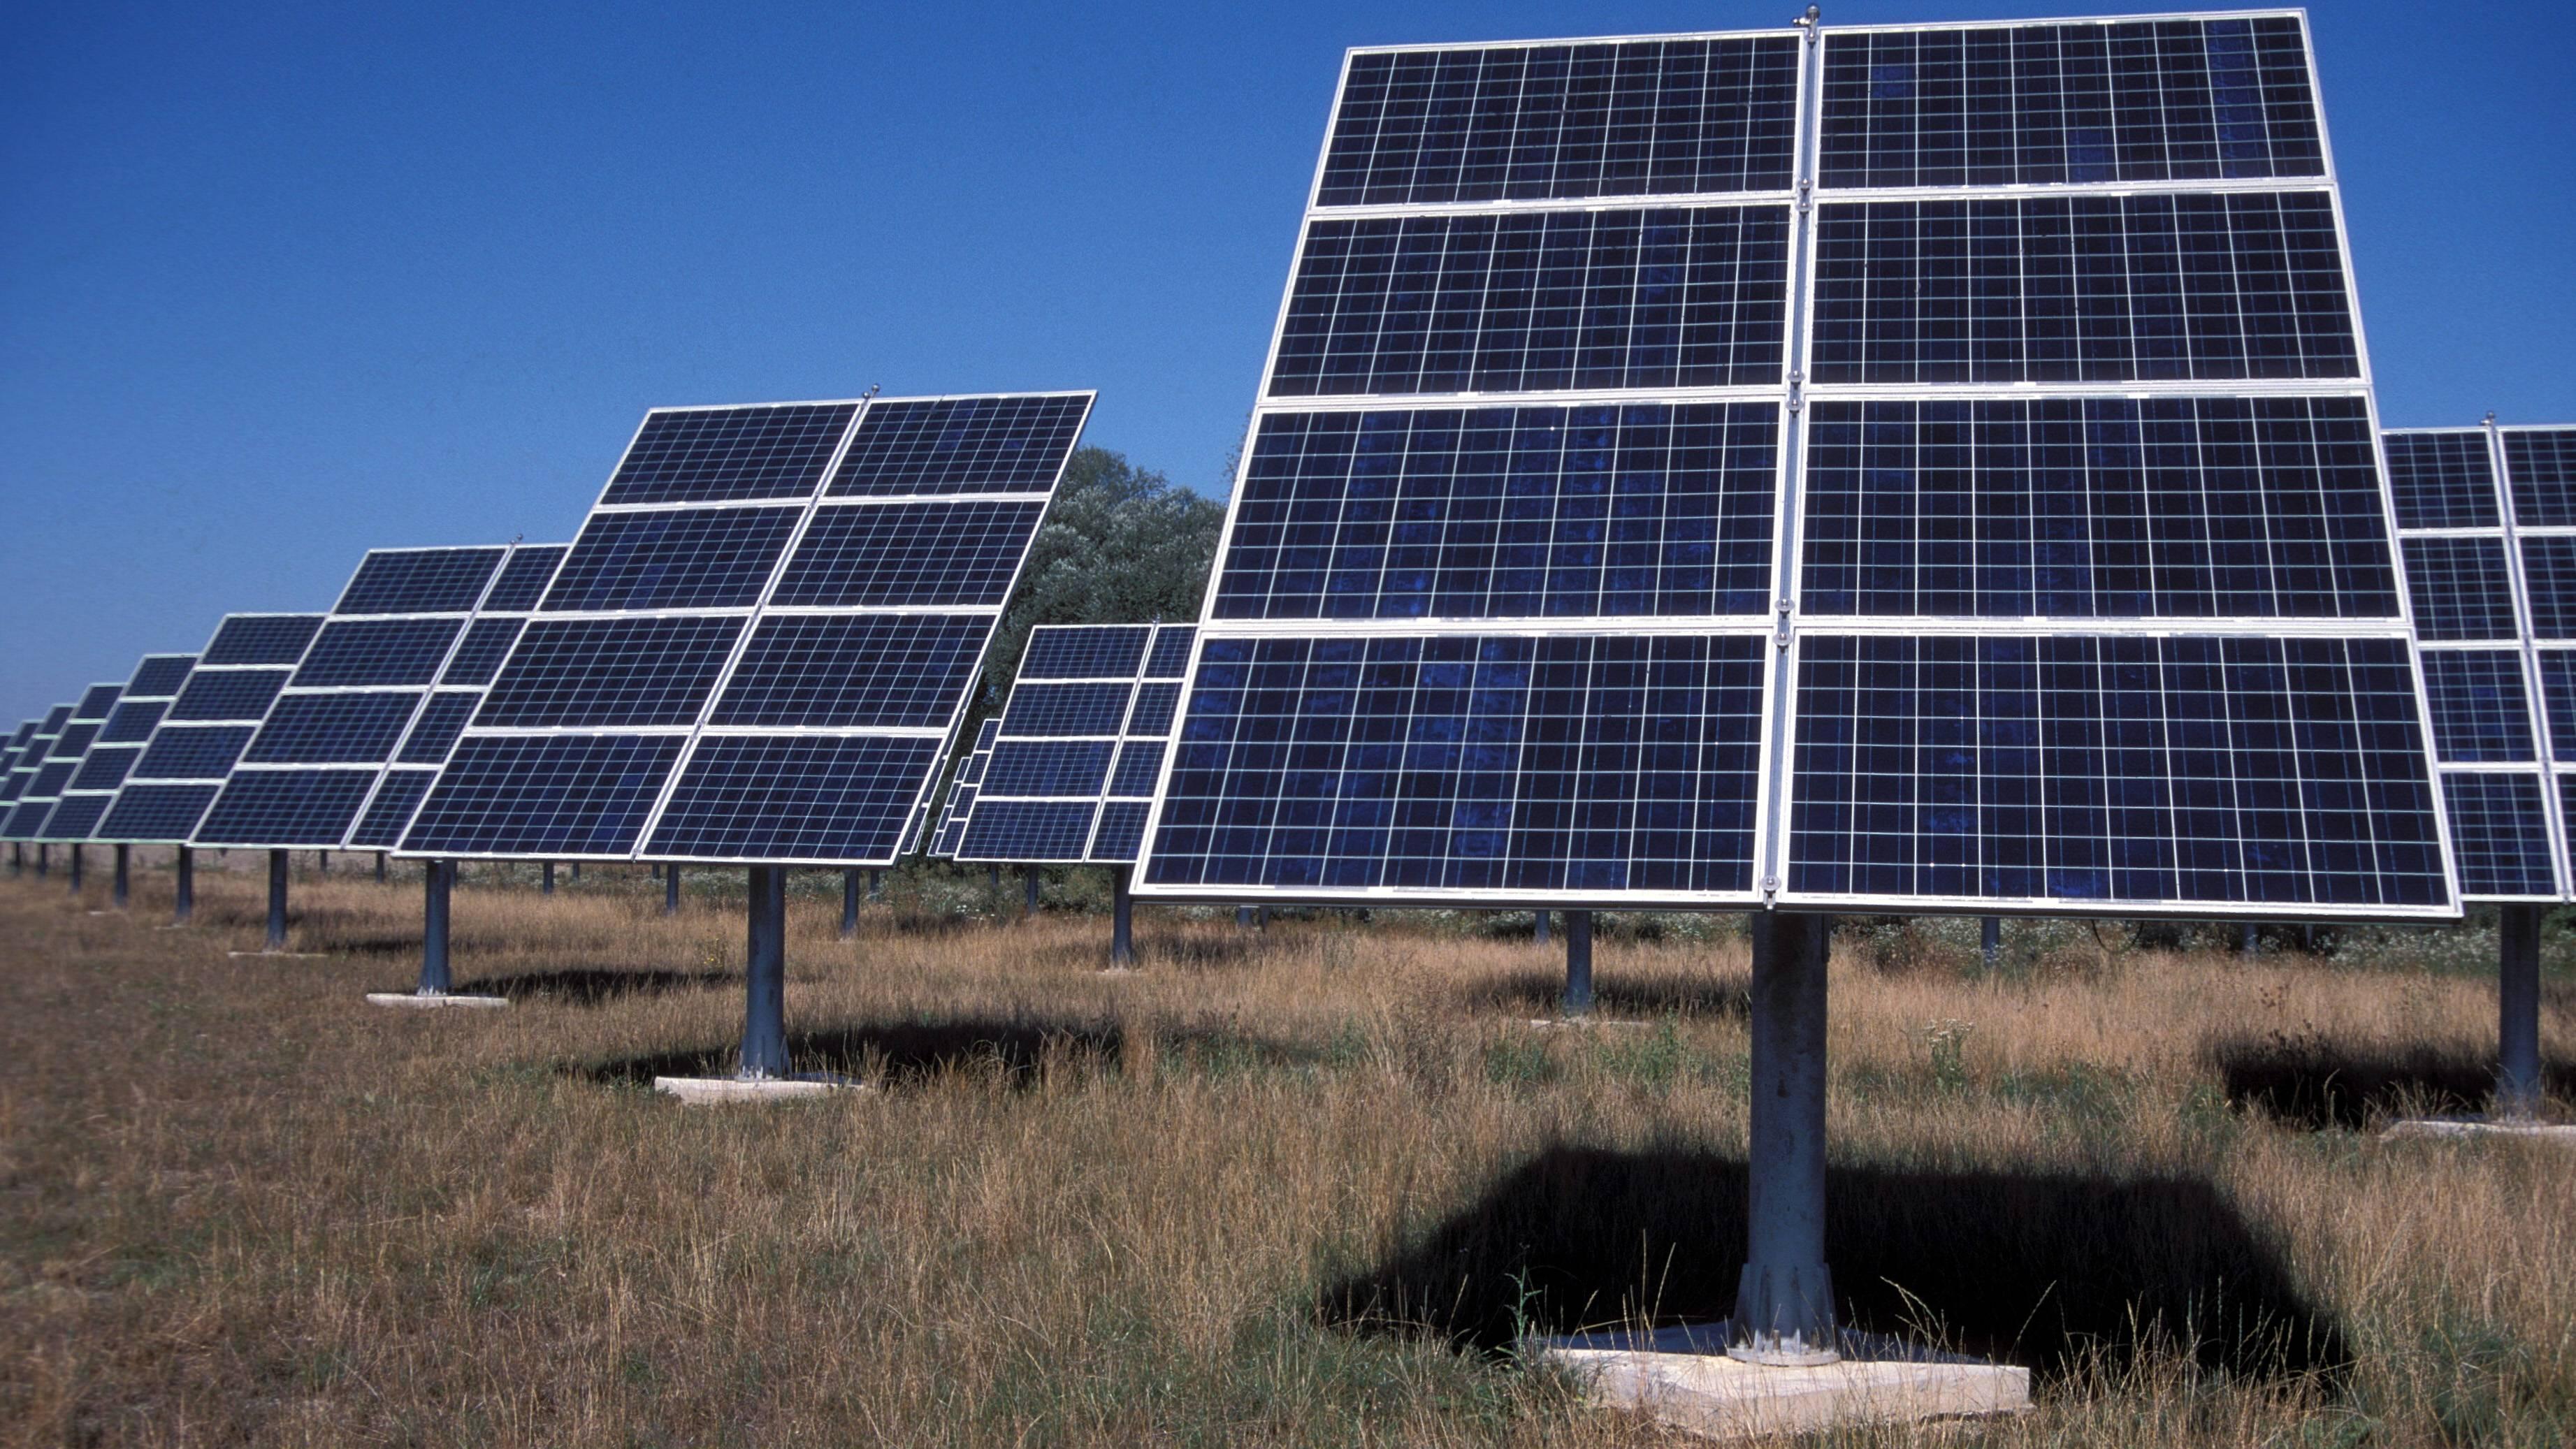 Die Anschaffung einer Solaranlage hat Vor- als auch Nachteile.